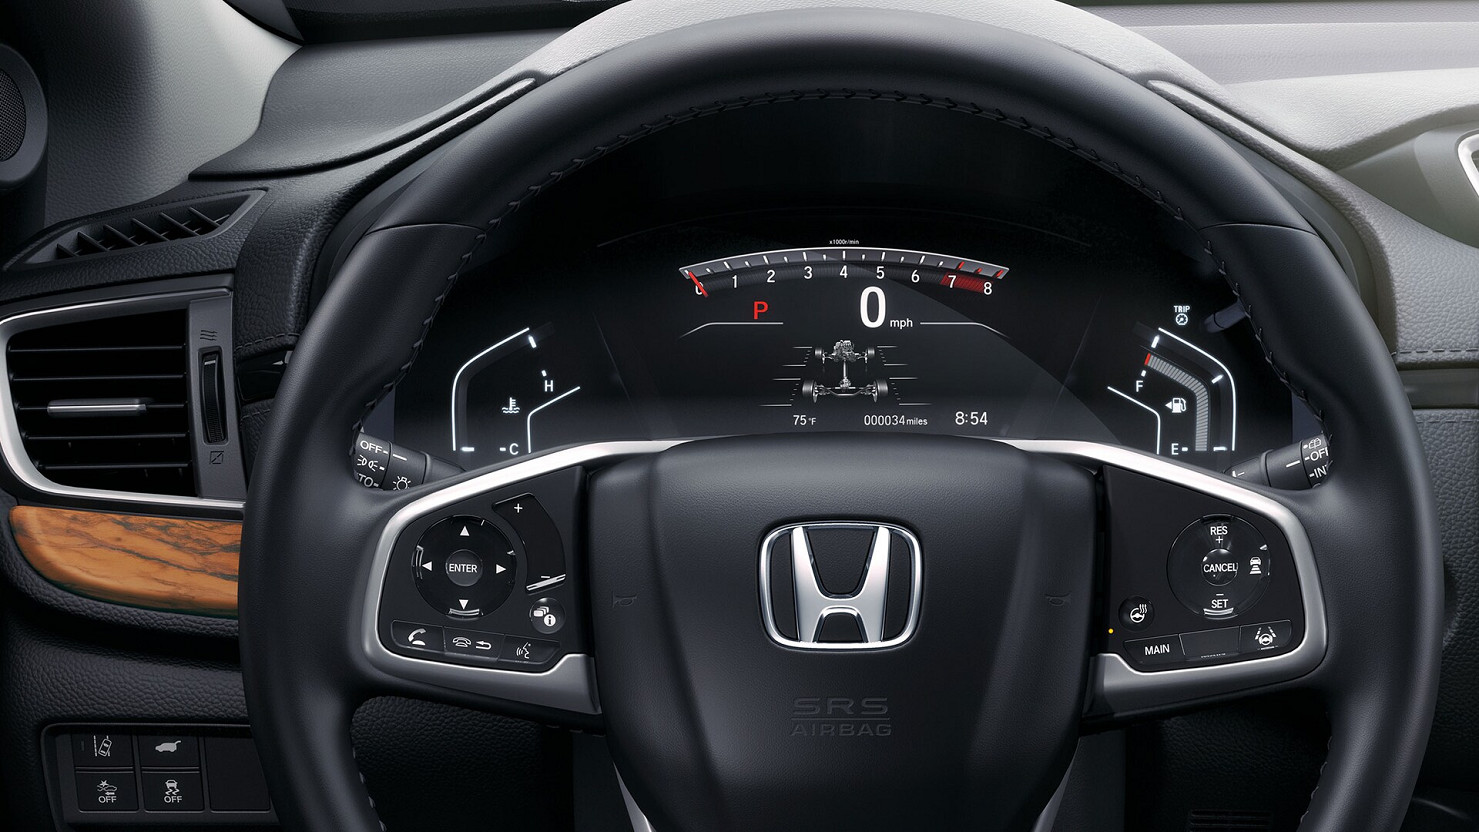 Steering Wheel of the 2020 Honda CR-V